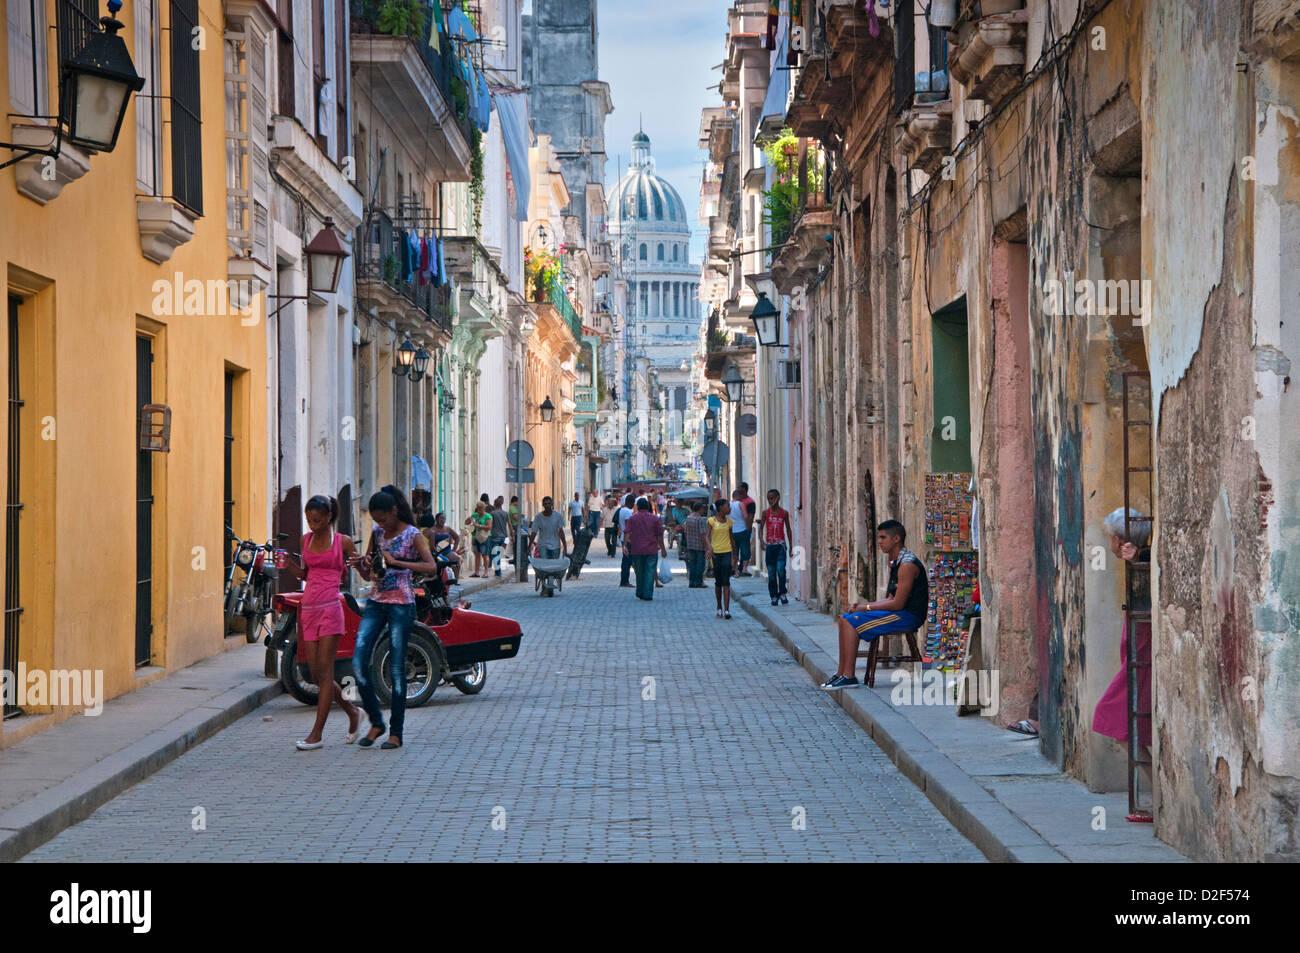 Straßenszene in Alt-Havanna Calle Brasilien mit Capitolio Gebäude hinter Habana Vieja, Havanna, Kuba Stockbild